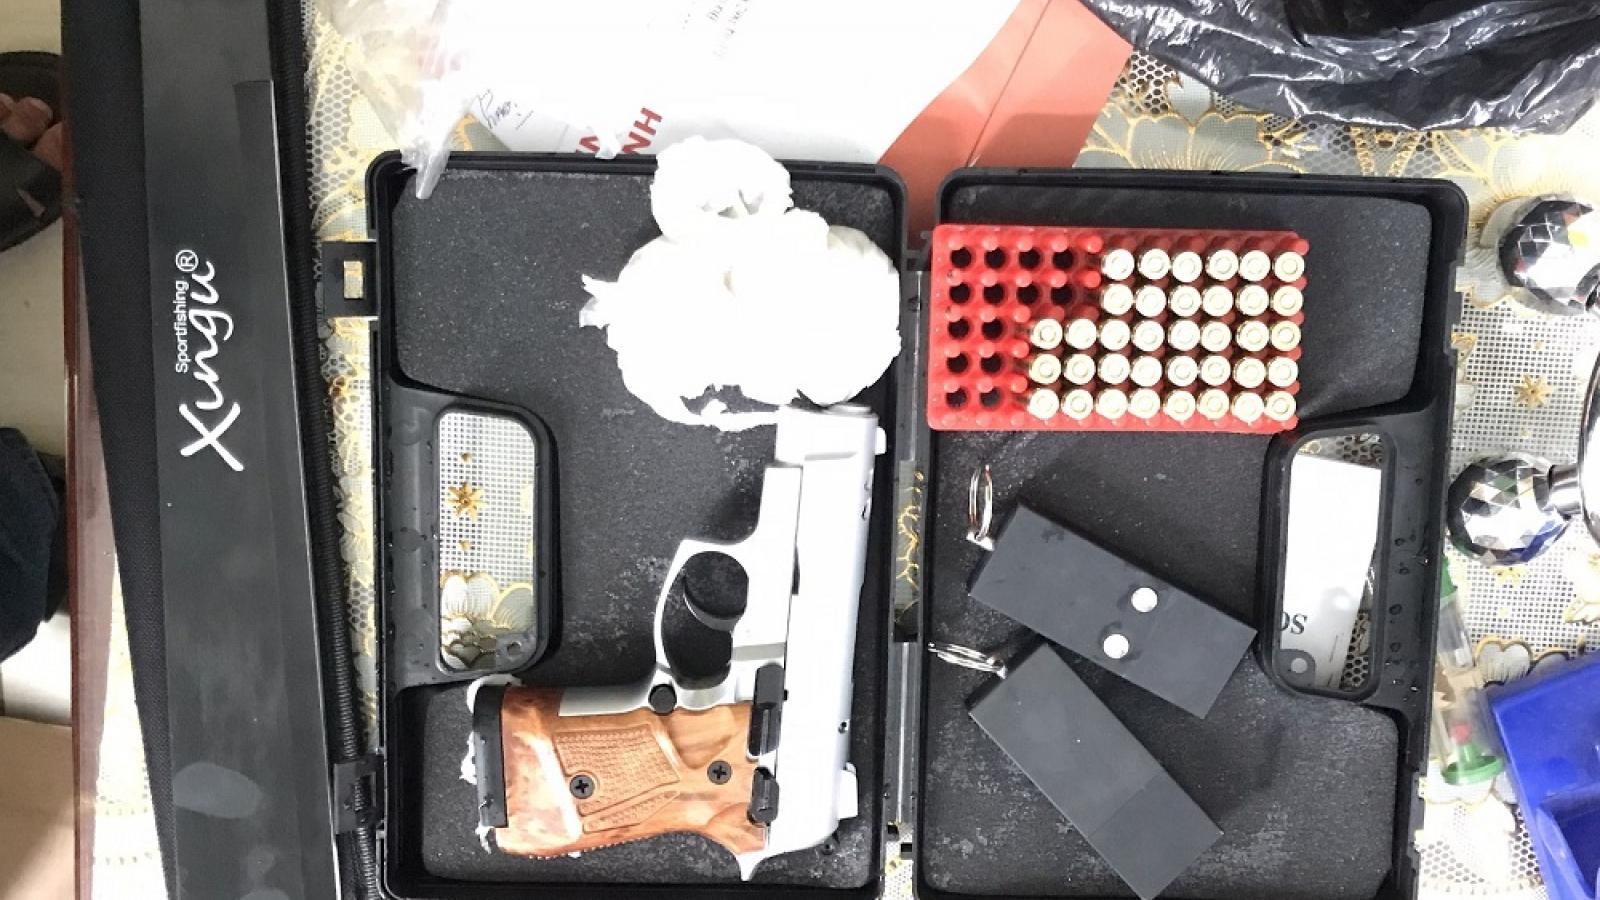 An Giang bắt giữ nhiều hàng hóa không rõ nguồn gốc và 1 khẩu súng bắn đạn cao su